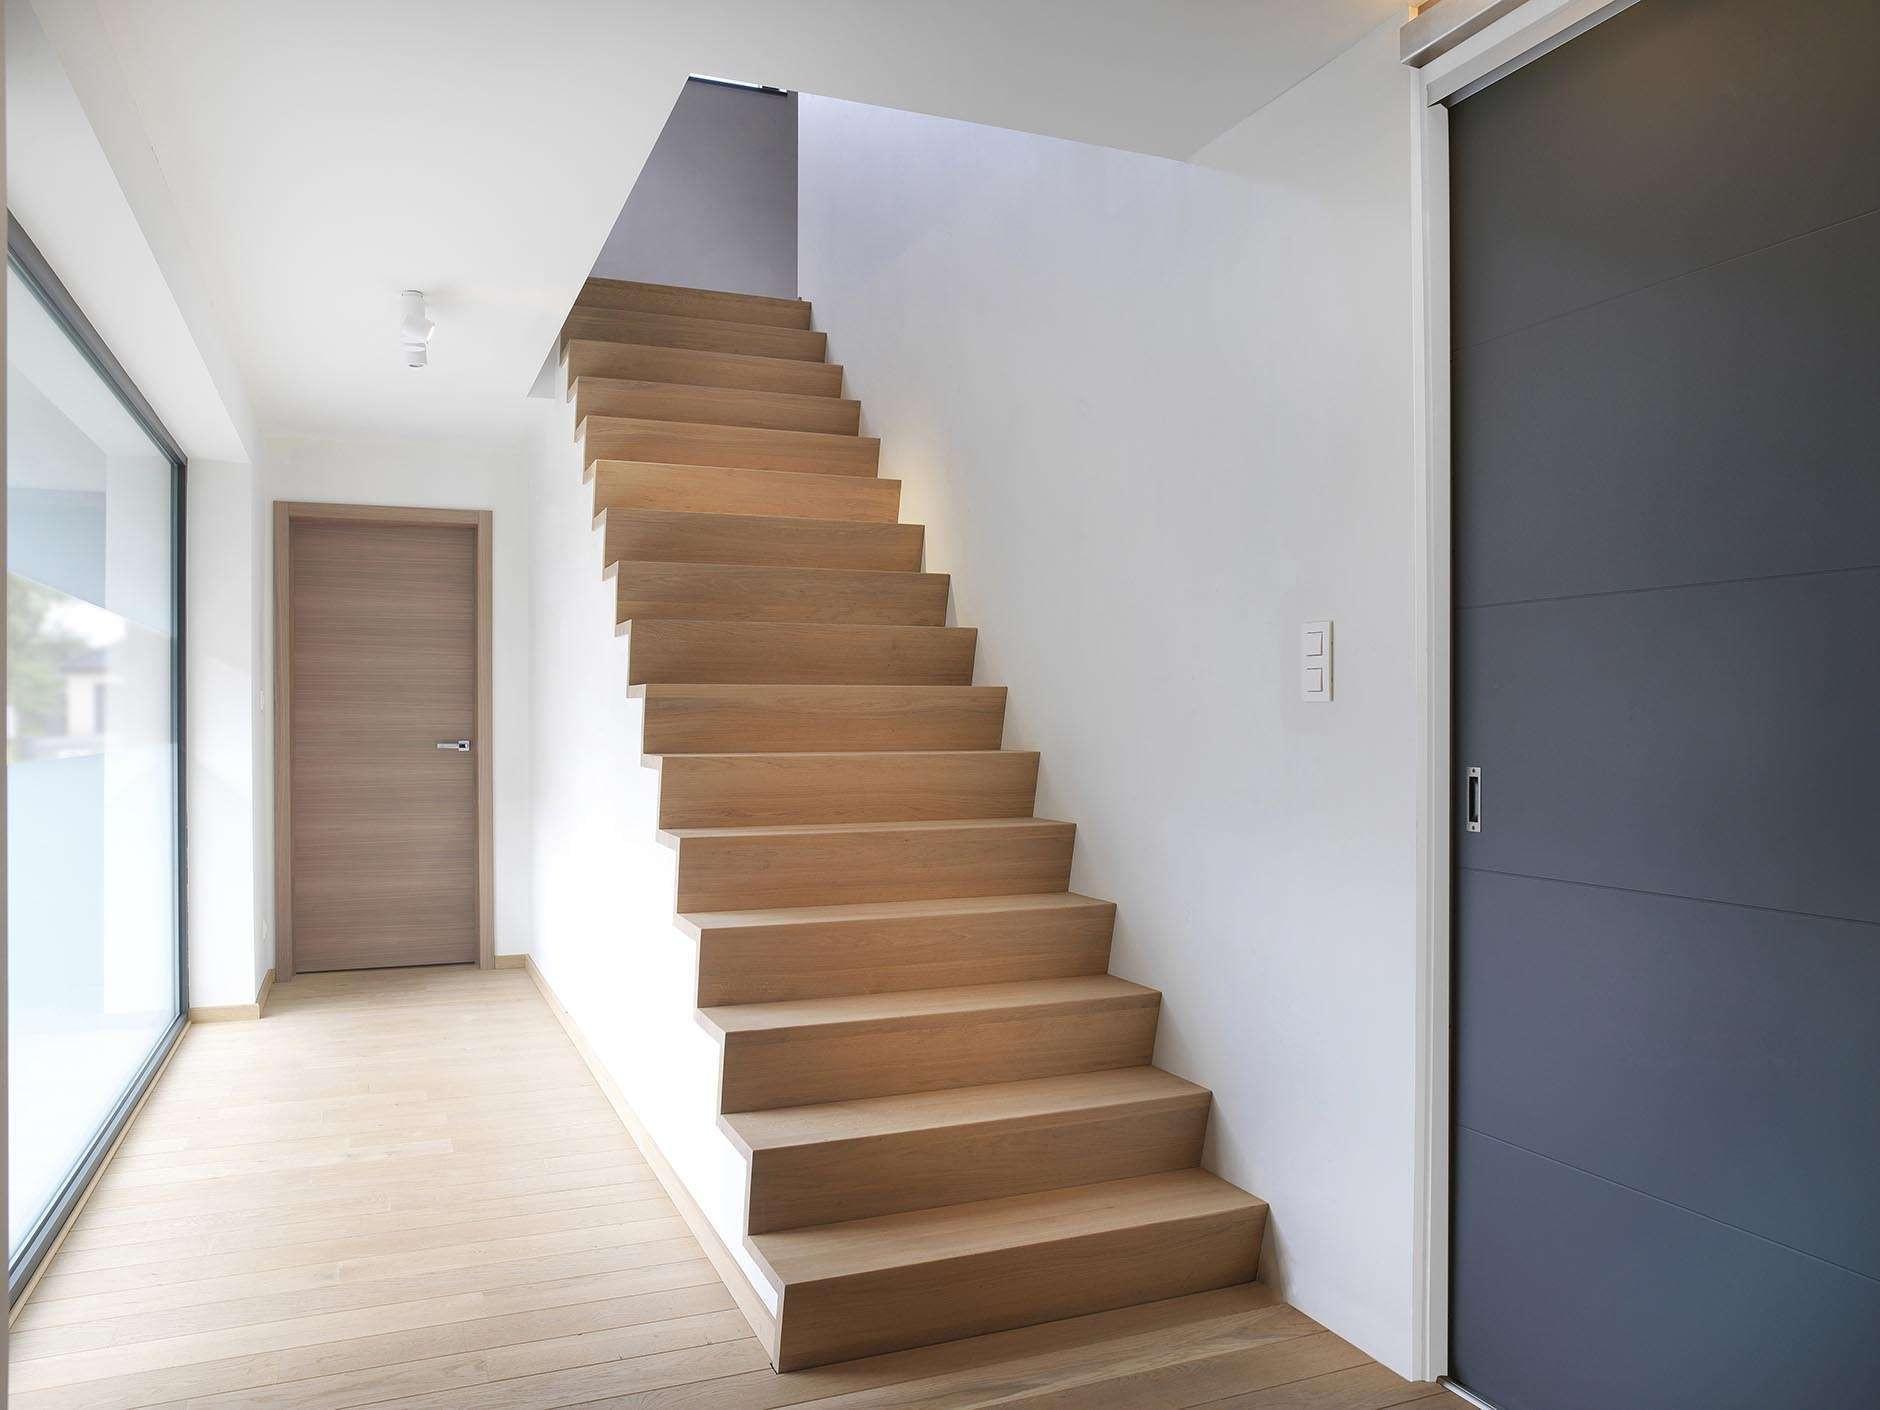 houten-trap-schuifdeur-modern